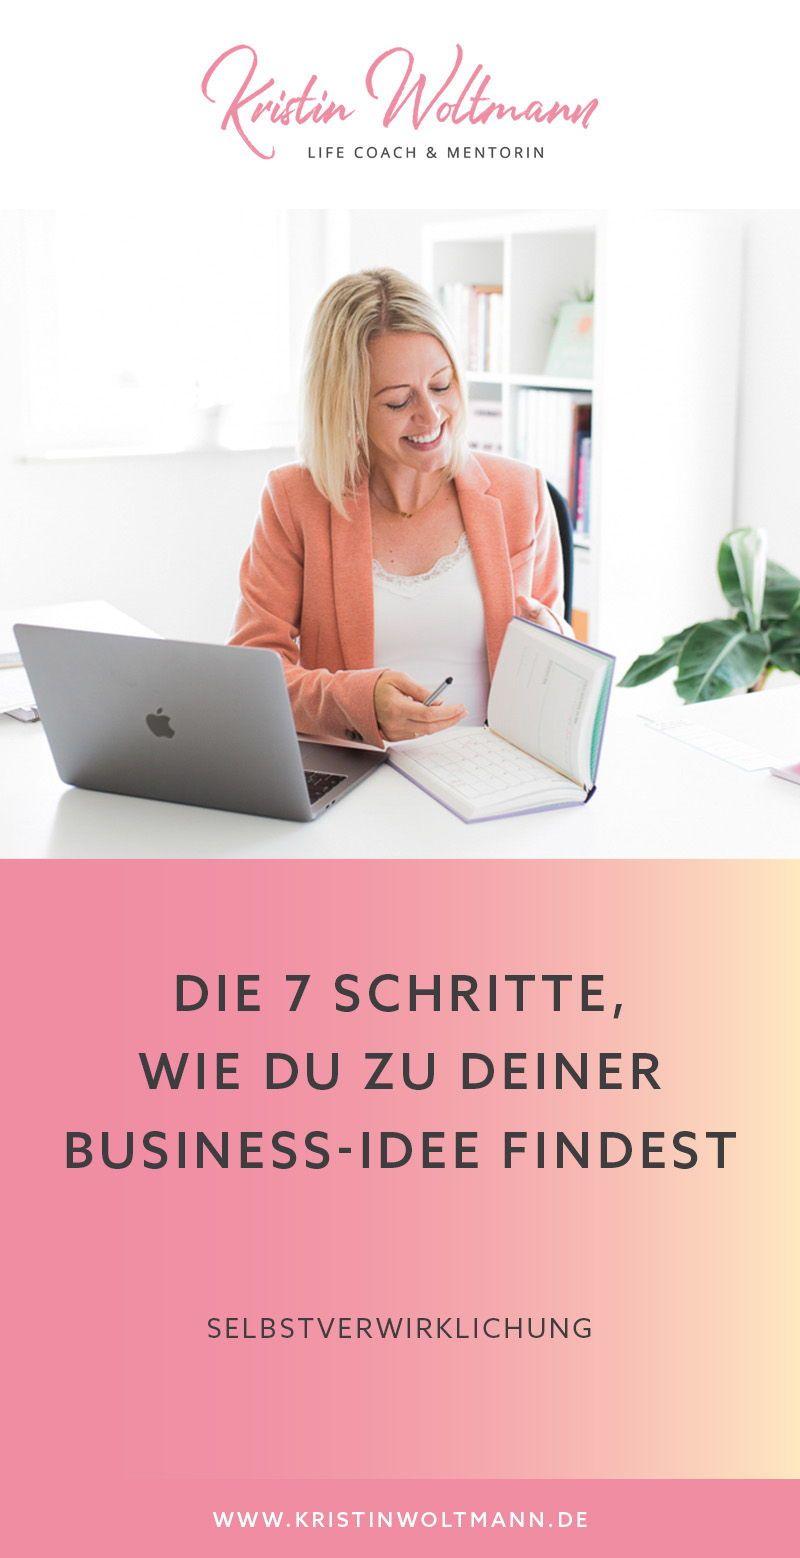 Wie finde ich die zur mir passende Business-Idee? Wie lege